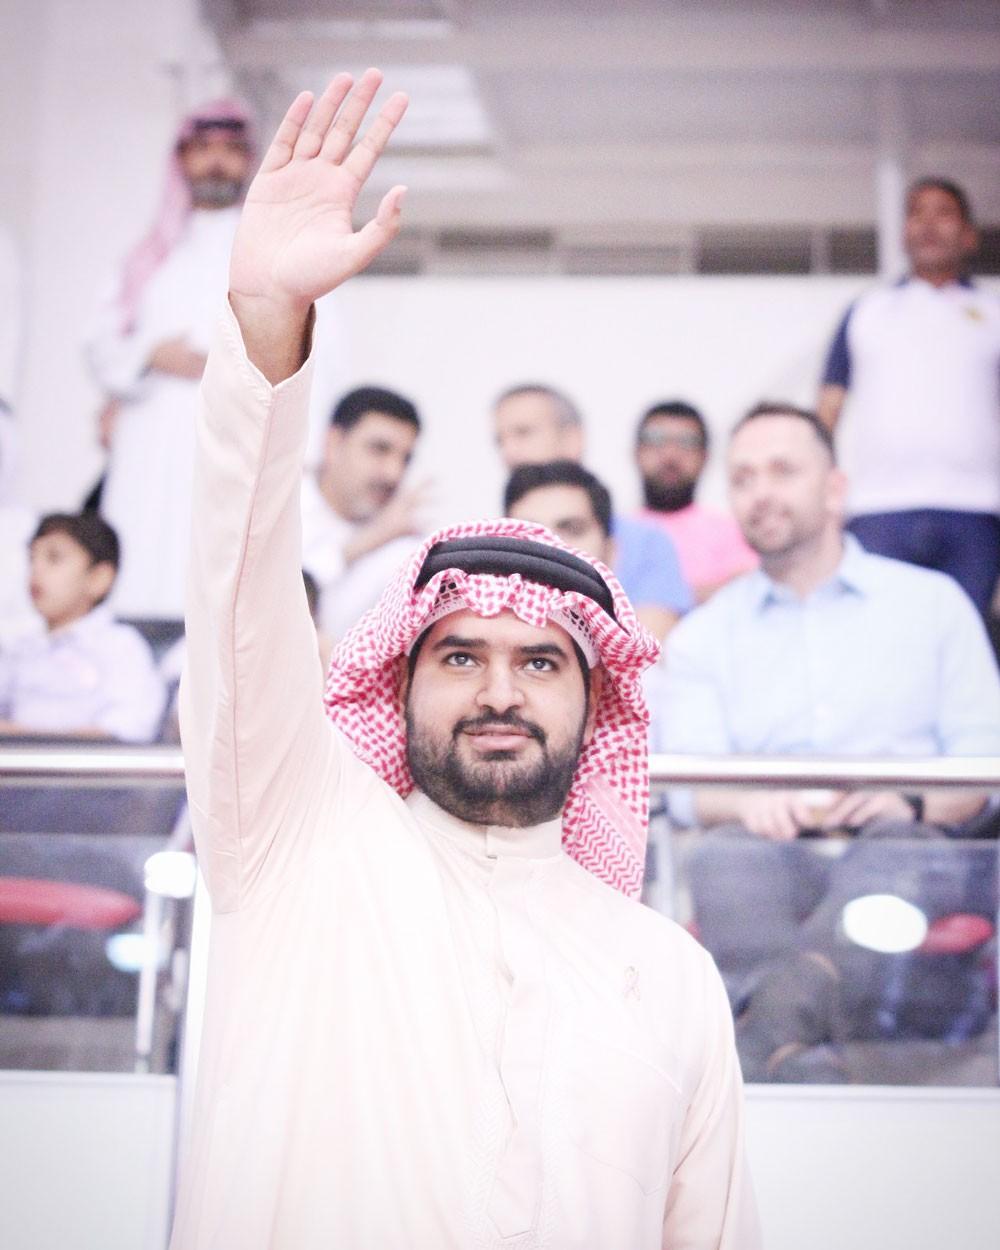 سمو الشيخ عيسى بن علي يوجه إلى دخول الجماهير السلاوية مجانا للتصفيات الآسيوية